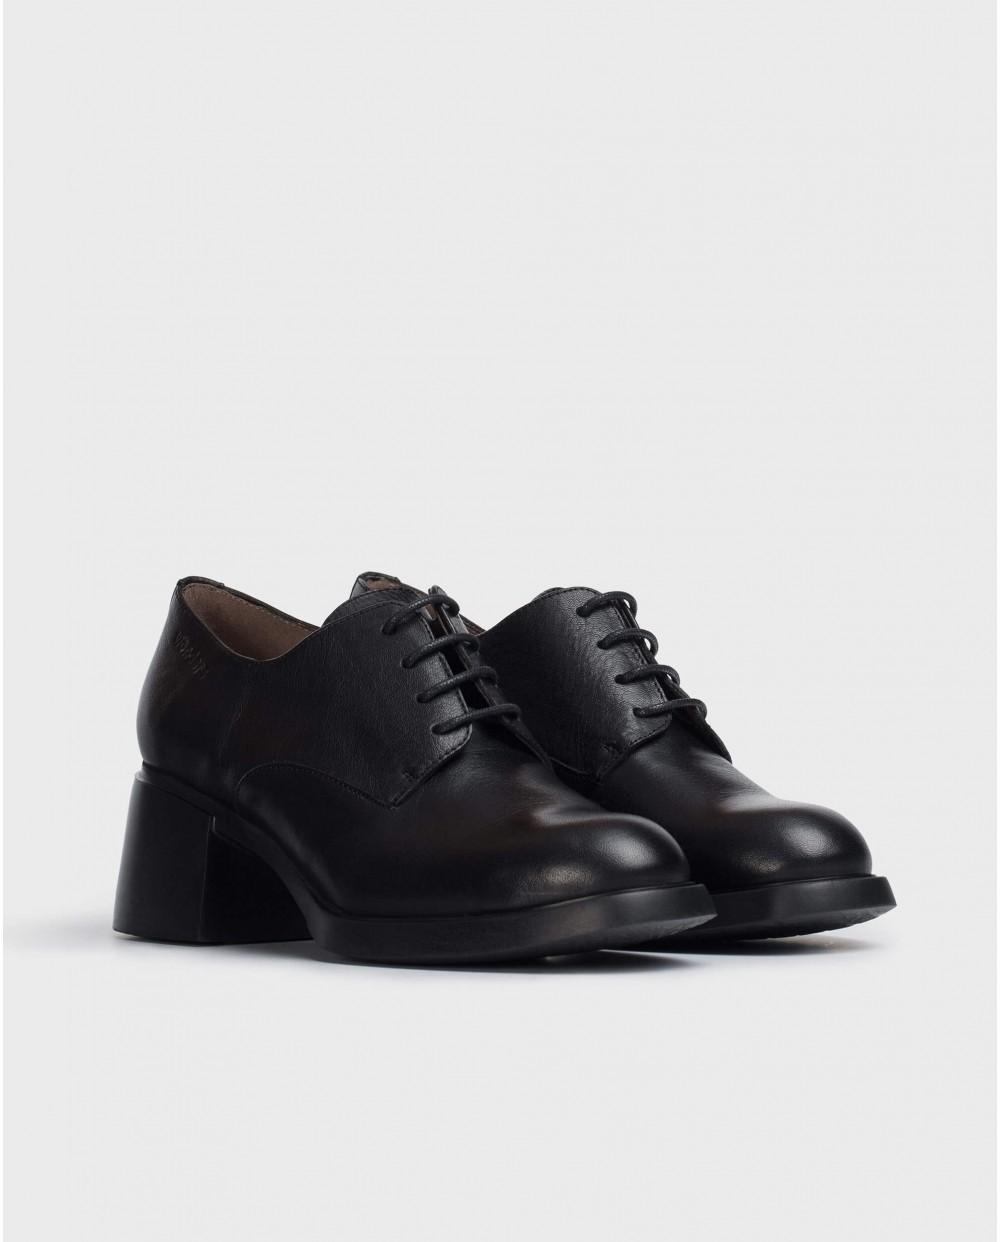 Wonders-Heels-Black Carlota Shoe